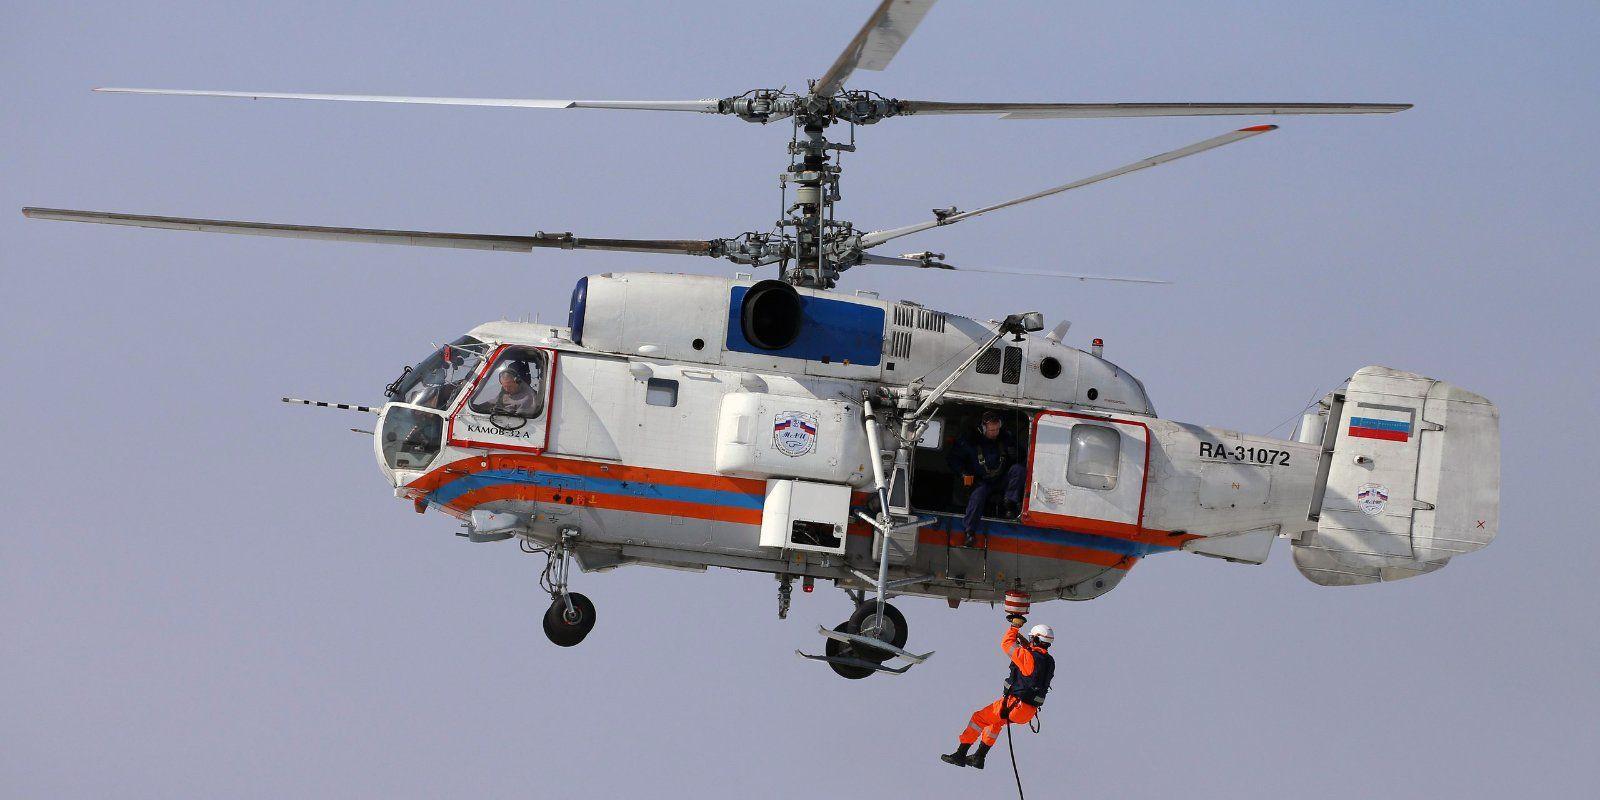 Спасатели Московского авиацентра за год спасли 57 человек